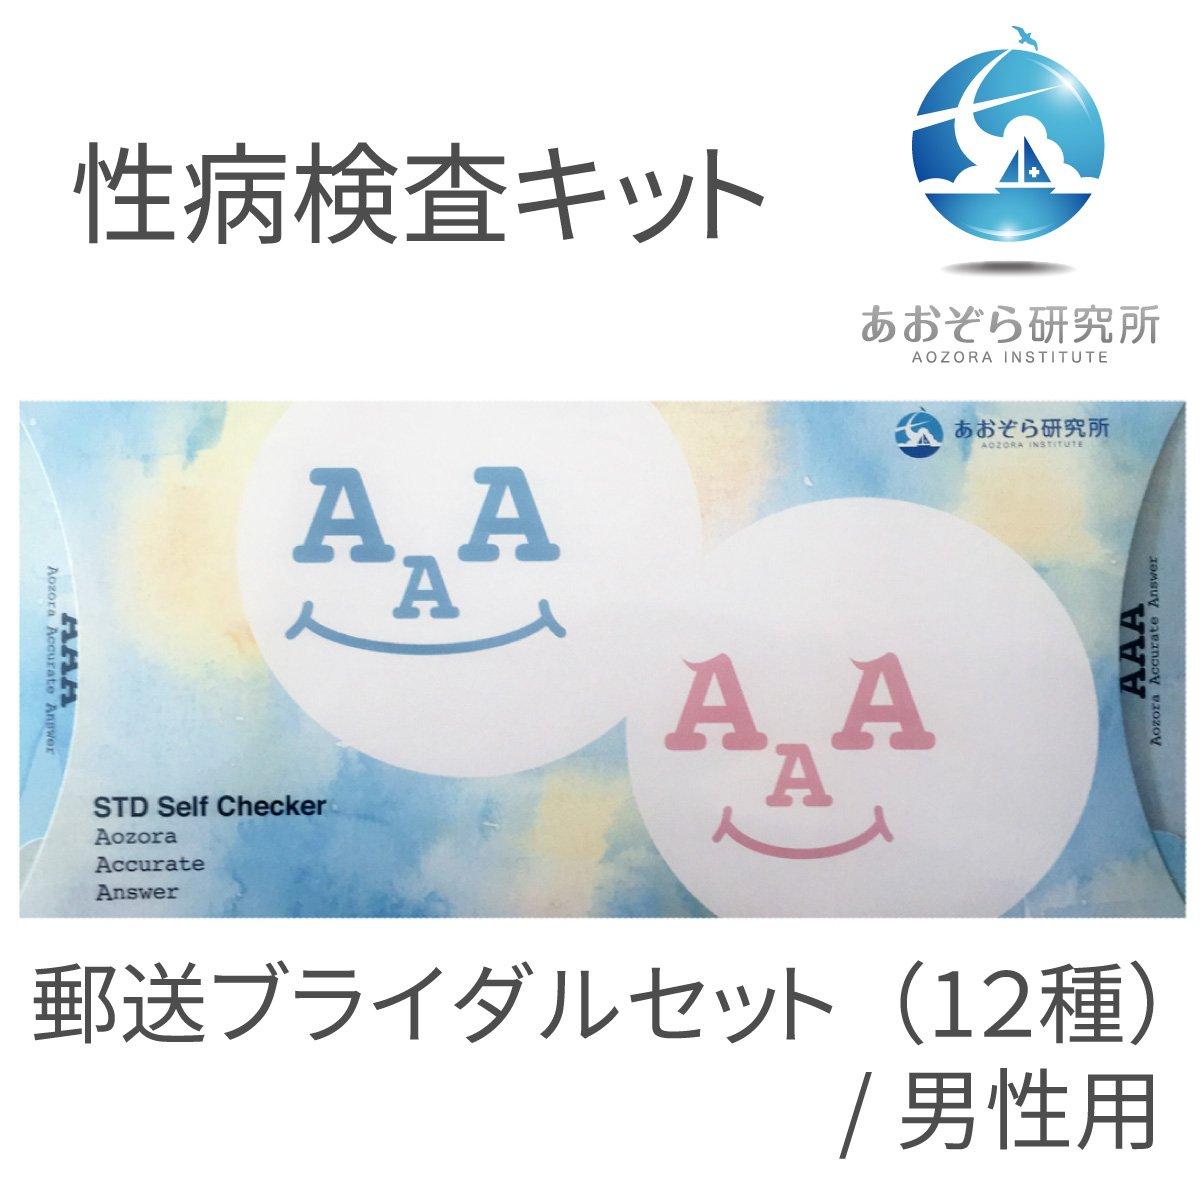 性病検査キット【郵送ブライダルセット(12種)/男性用】 B06VVMZGXQ